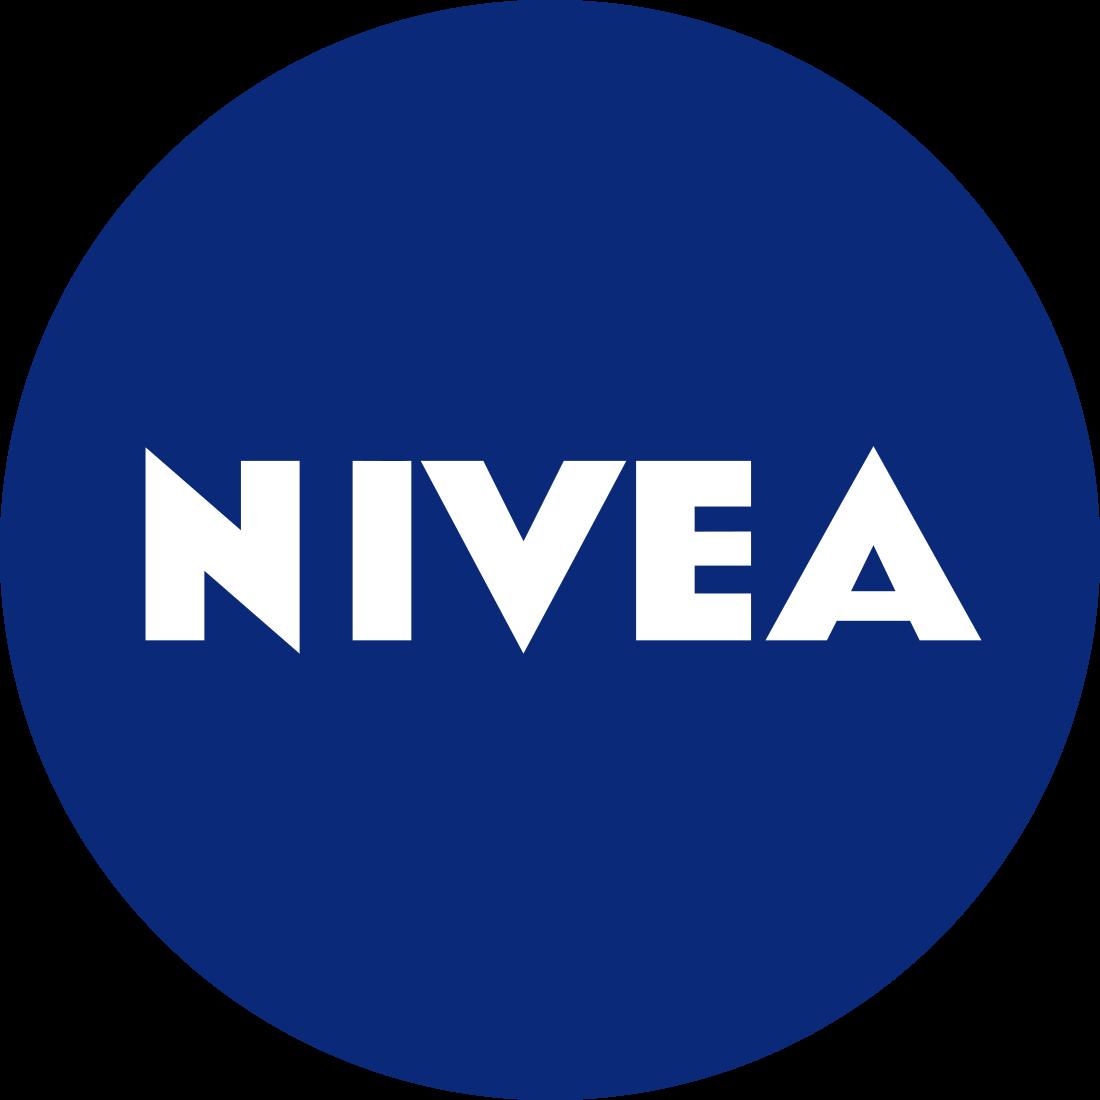 nivea logo 4 - Nivea Logo